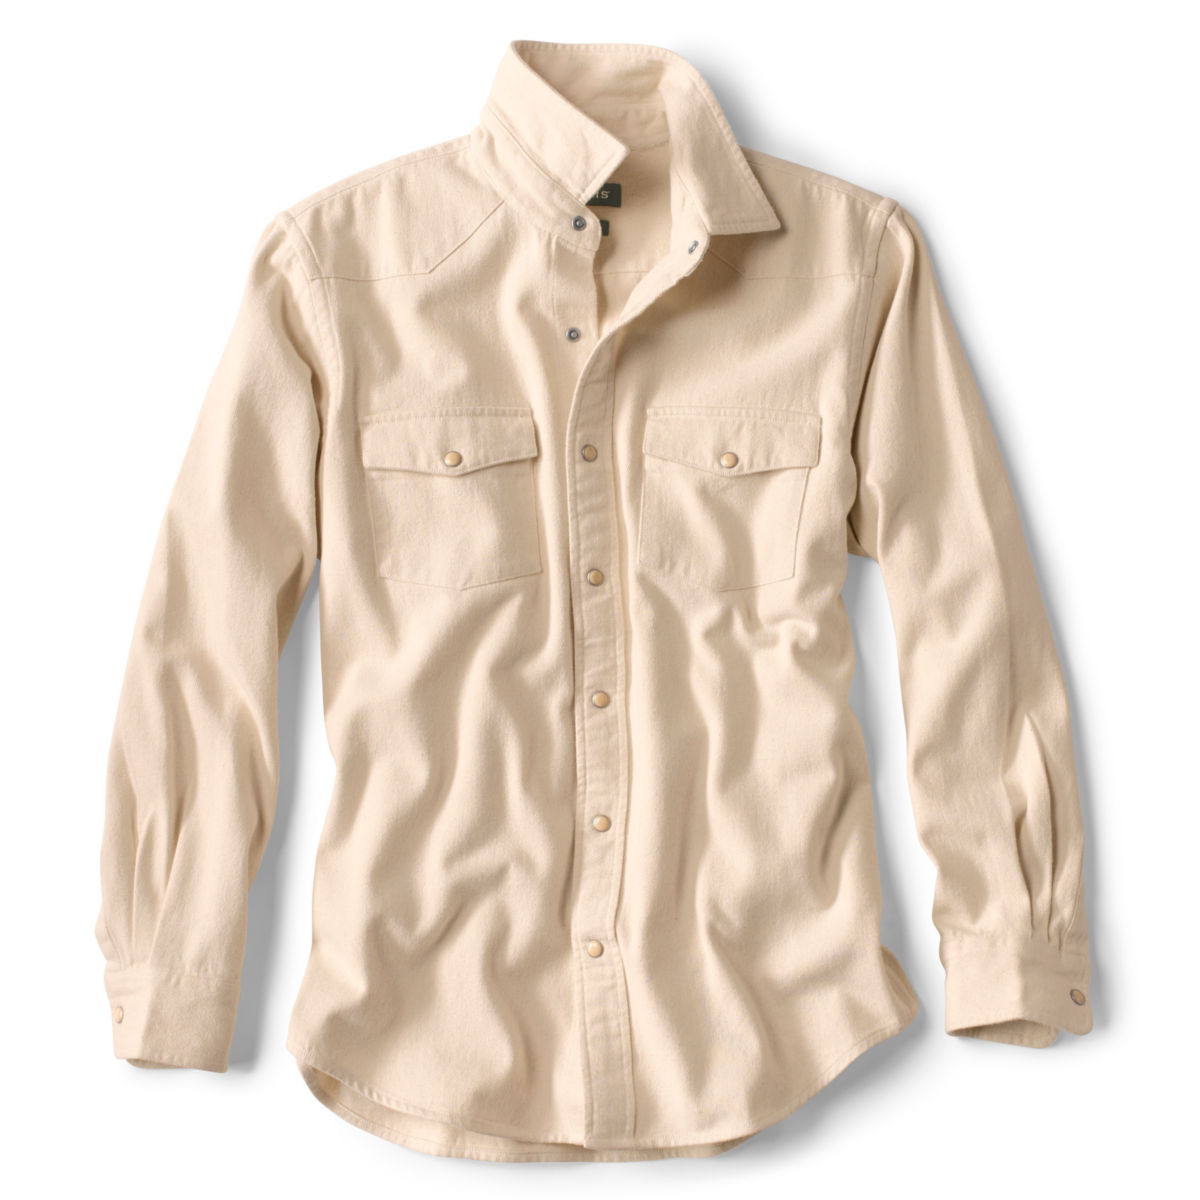 Natural Denim Long-Sleeved Shirt - NATURALimage number 0